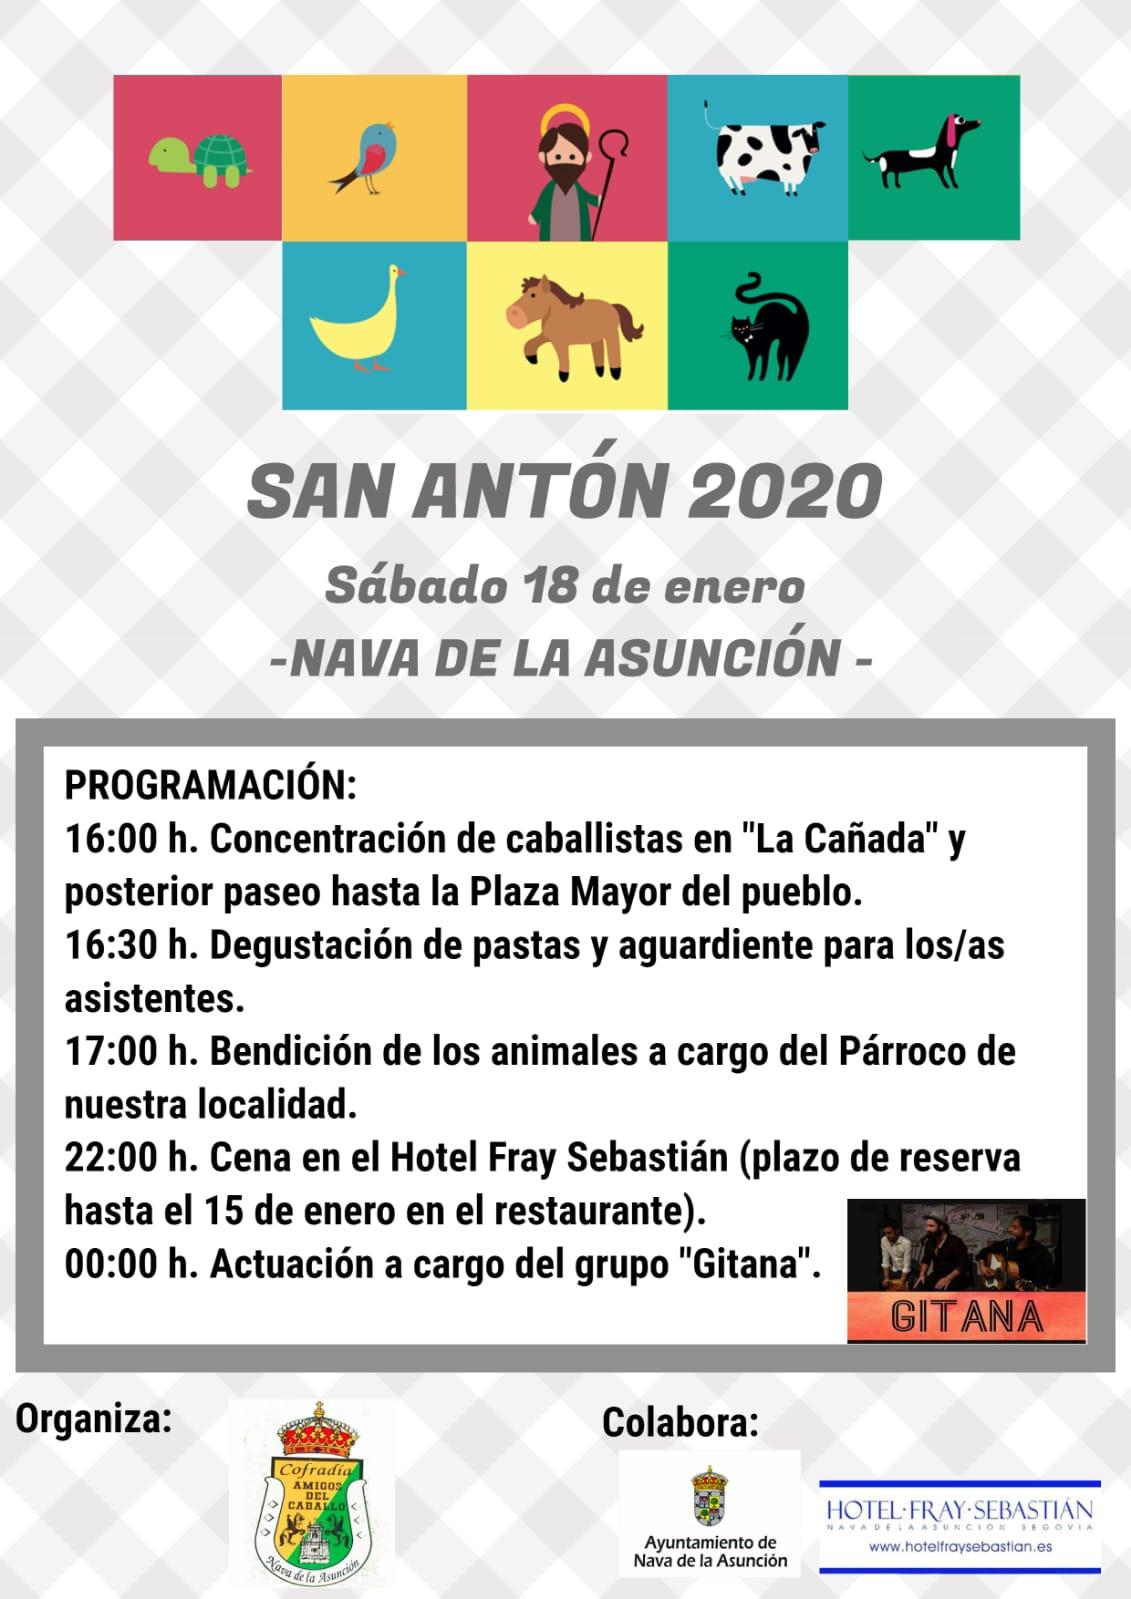 San Antón 2020 à Nava de la Asunción